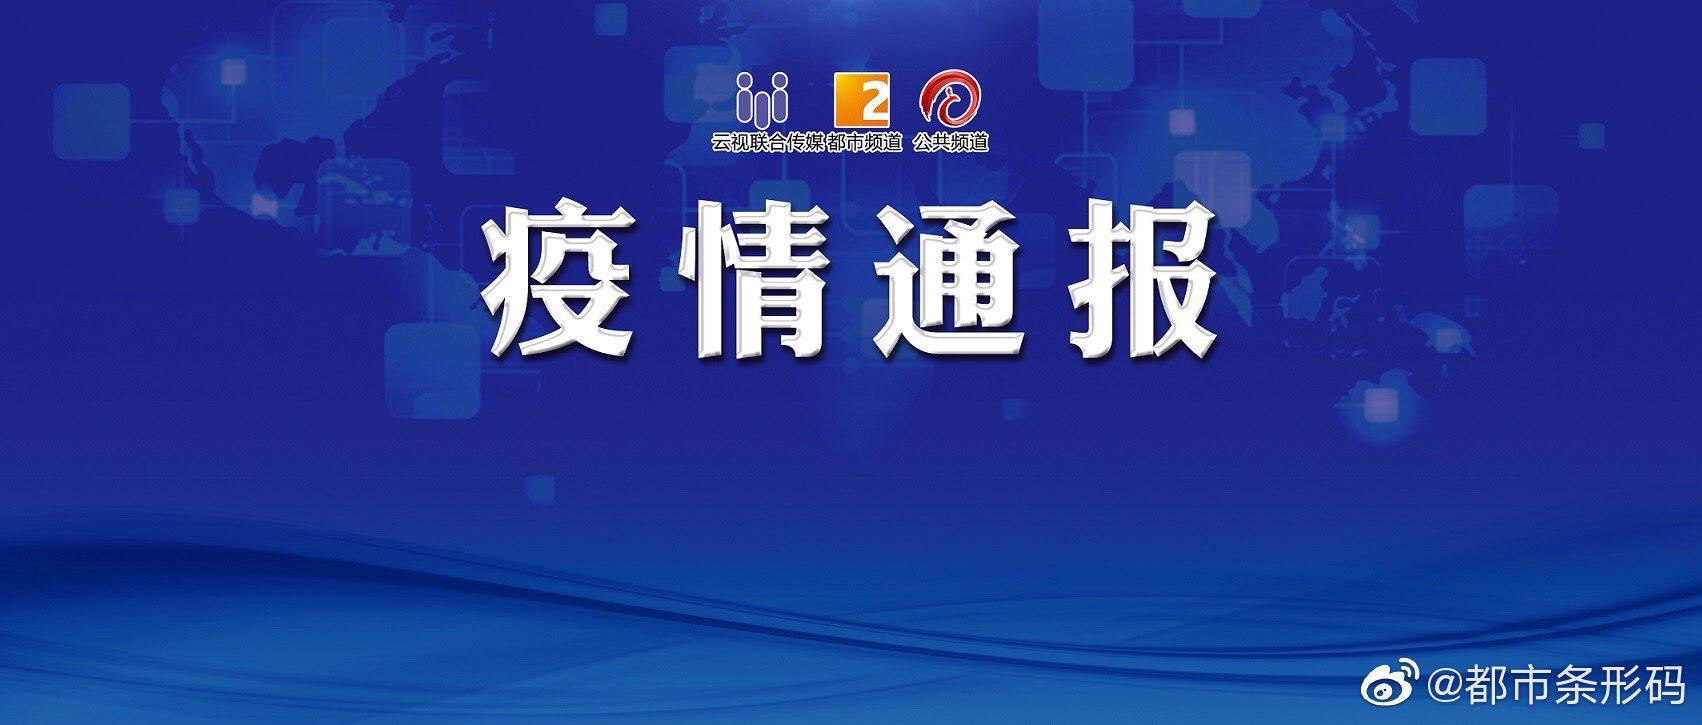 7月11日0时至24时,云南无新增确诊病例和无症状感染者